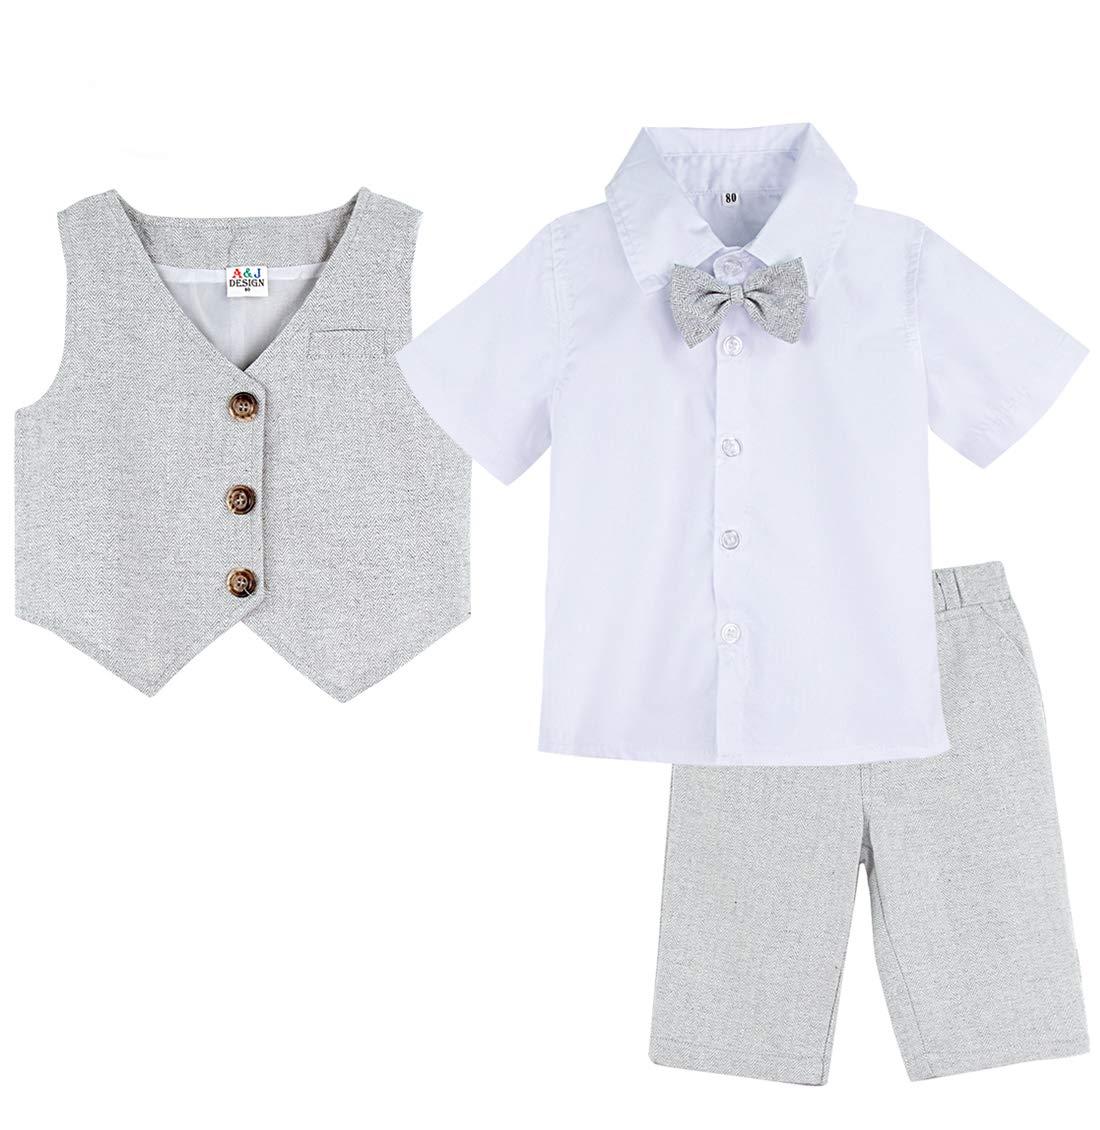 mintgreen Conjunto Camisa de Manga Corta Bebé Niños, Traje Caballero con Pajarita Chaleco, 3 Piezas Tamaño: 1-5 Años 1